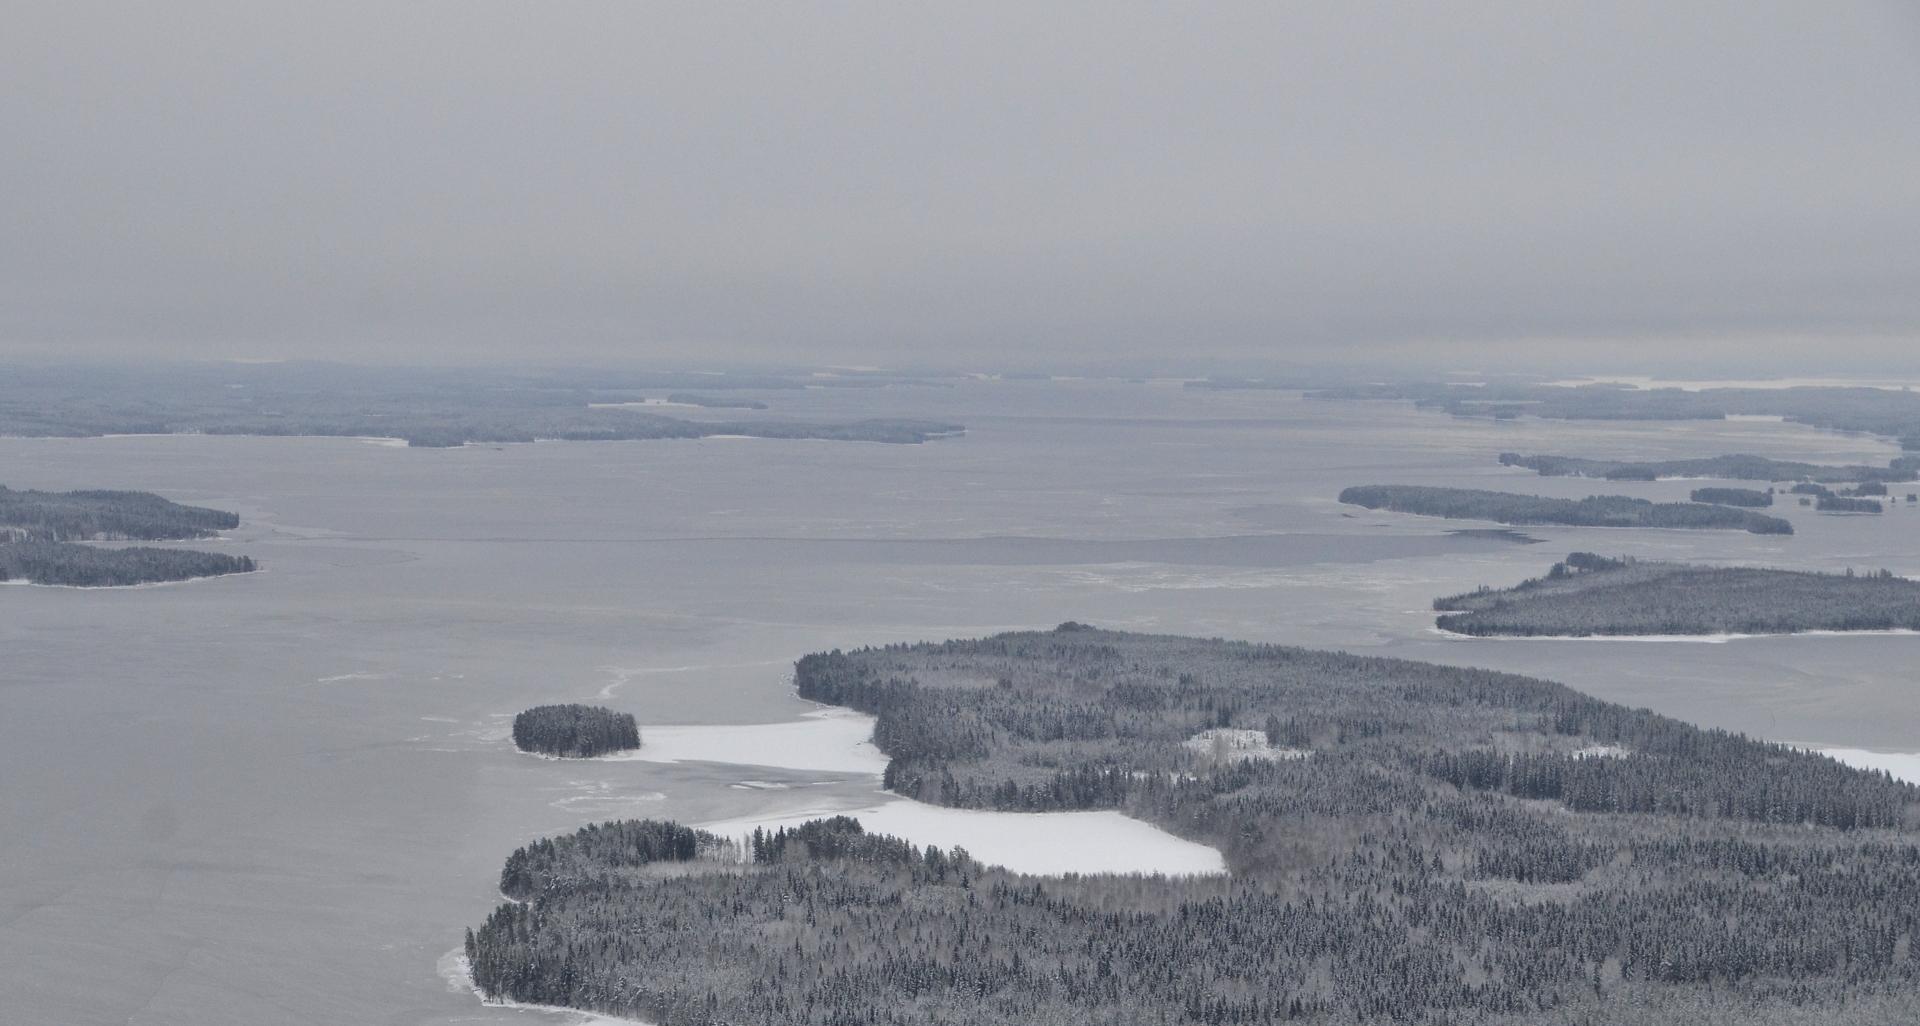 17.12.2017 Oikealla kaukana näkyvä Karttuselkä ehkä jäätynyt jo aiemmin, kun näkyy lumisena?